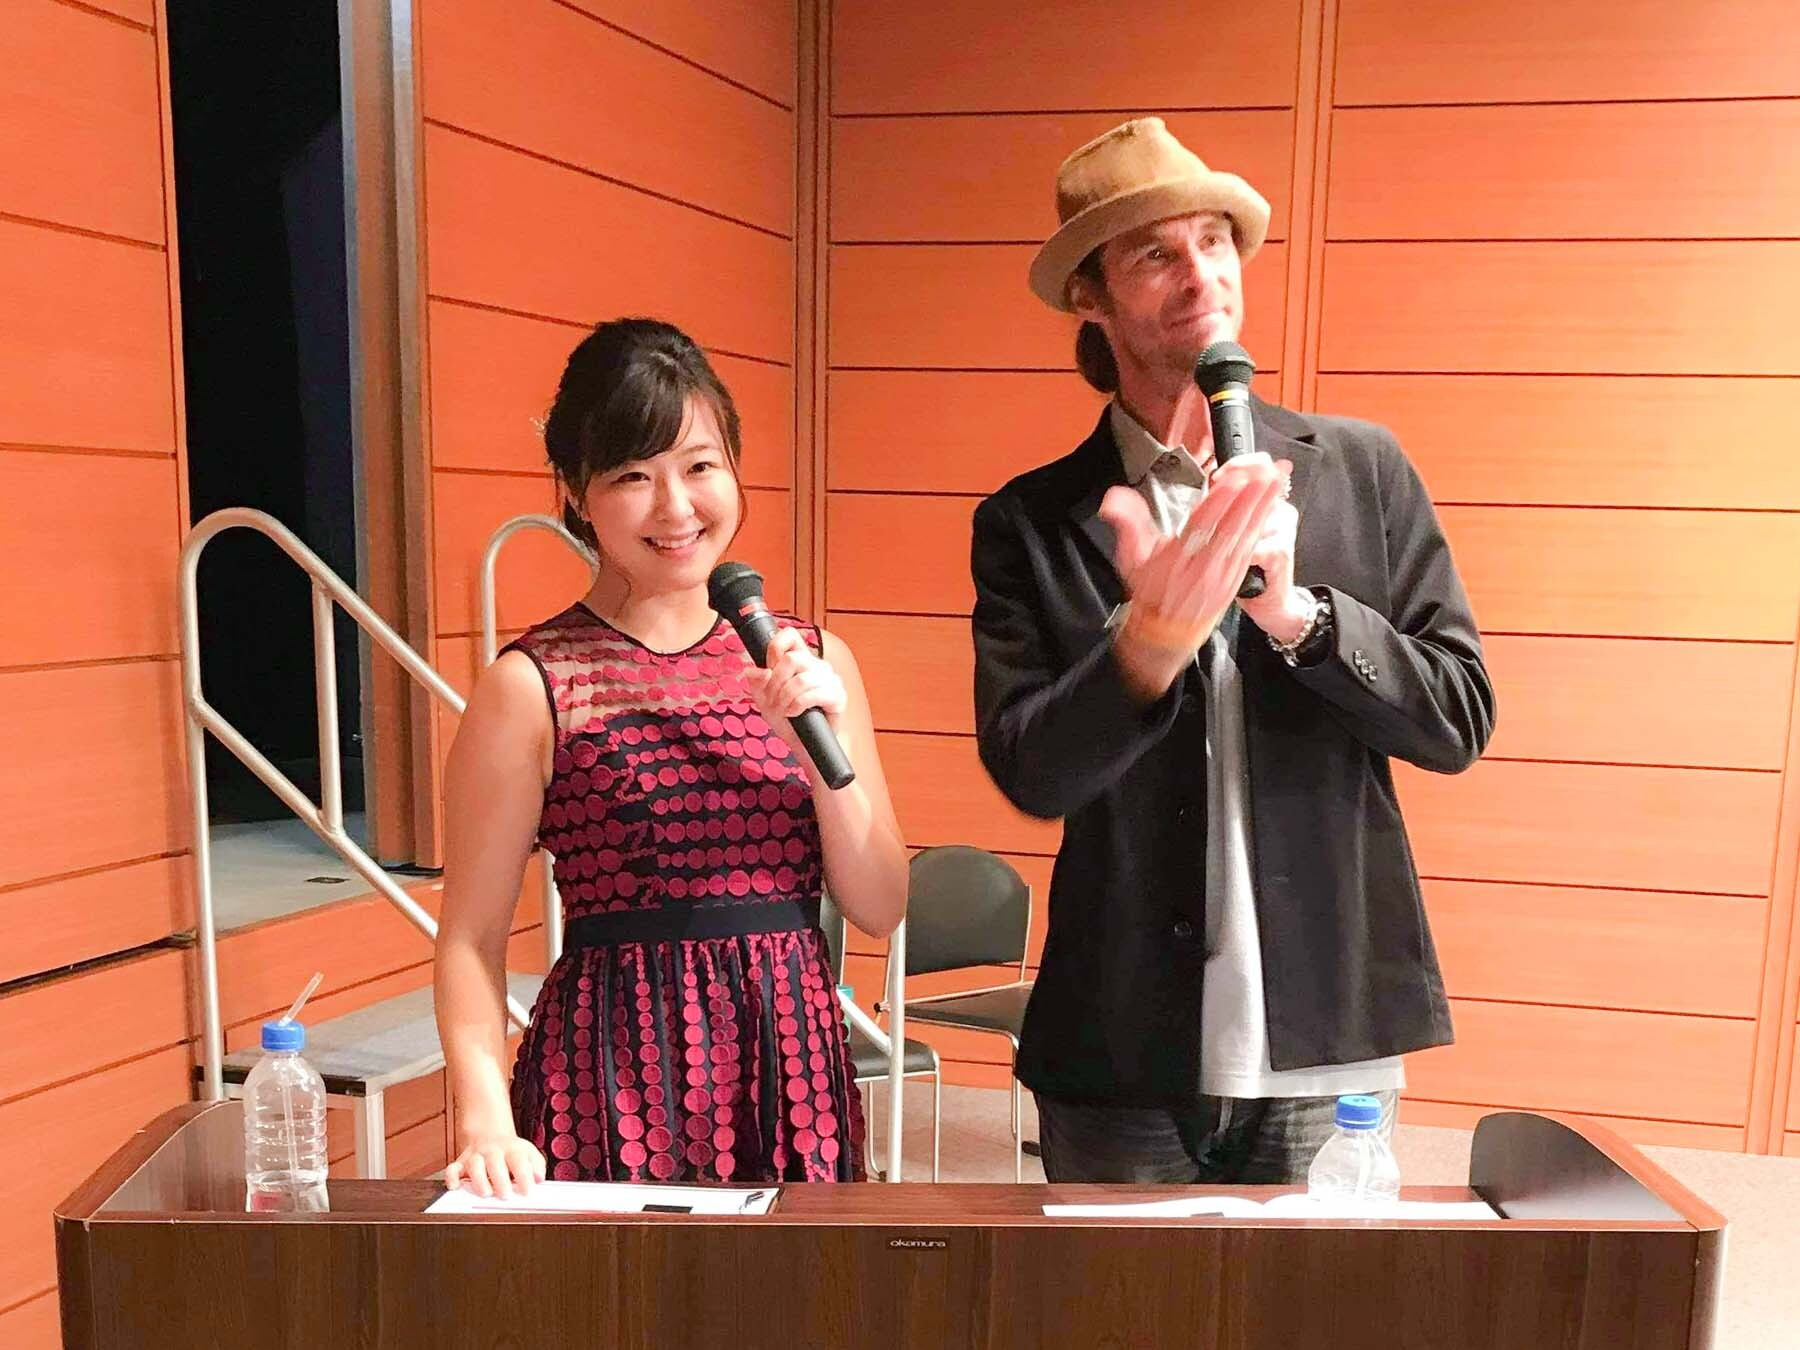 高橋絵理さんがイベントの司会を務めている写真2